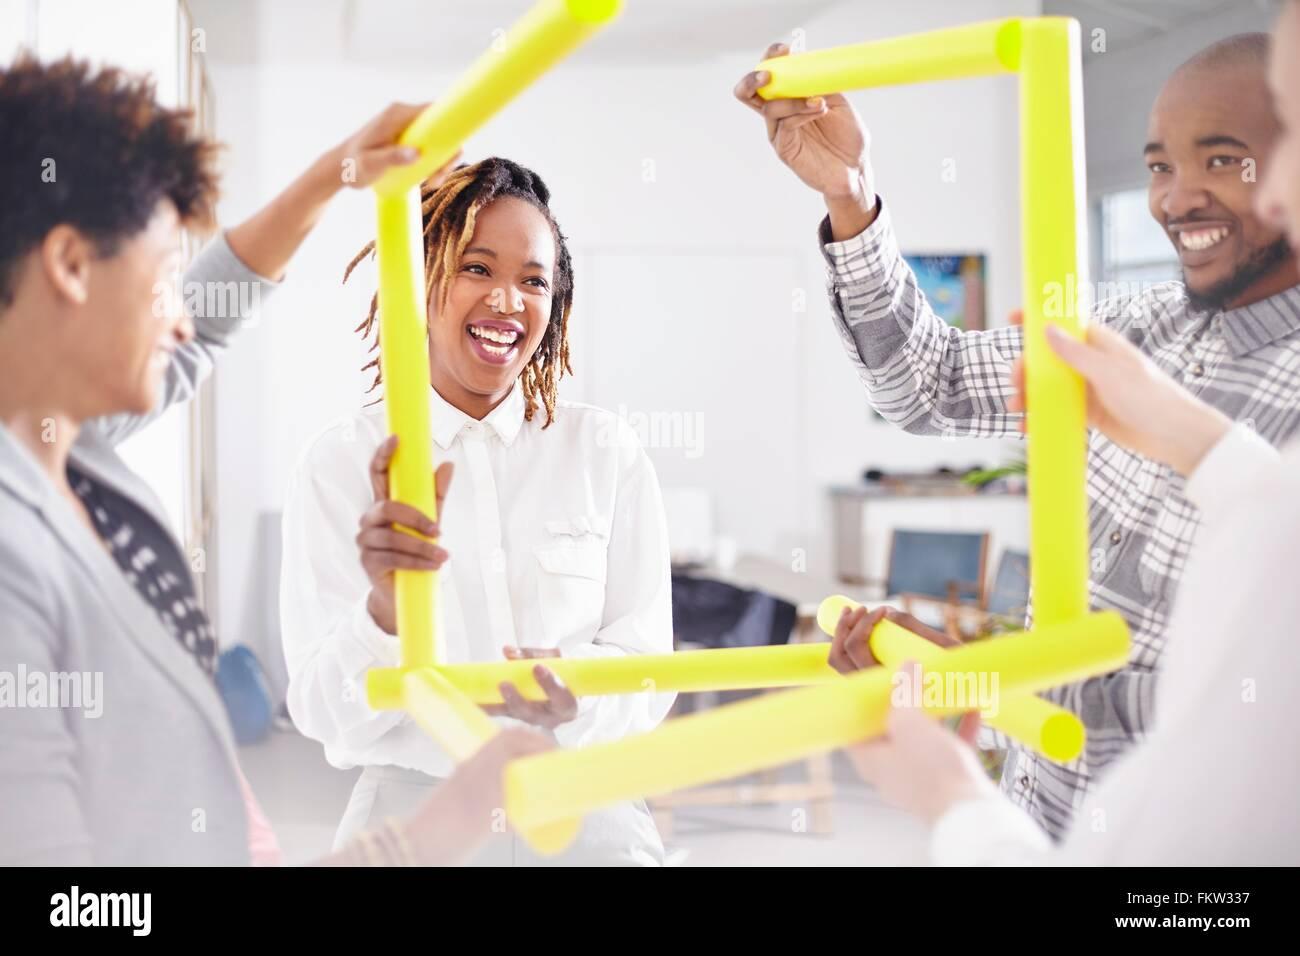 Kolleginnen und Kollegen im Team-building Aufgabe hält gelbe Rubes lächelnd Stockbild